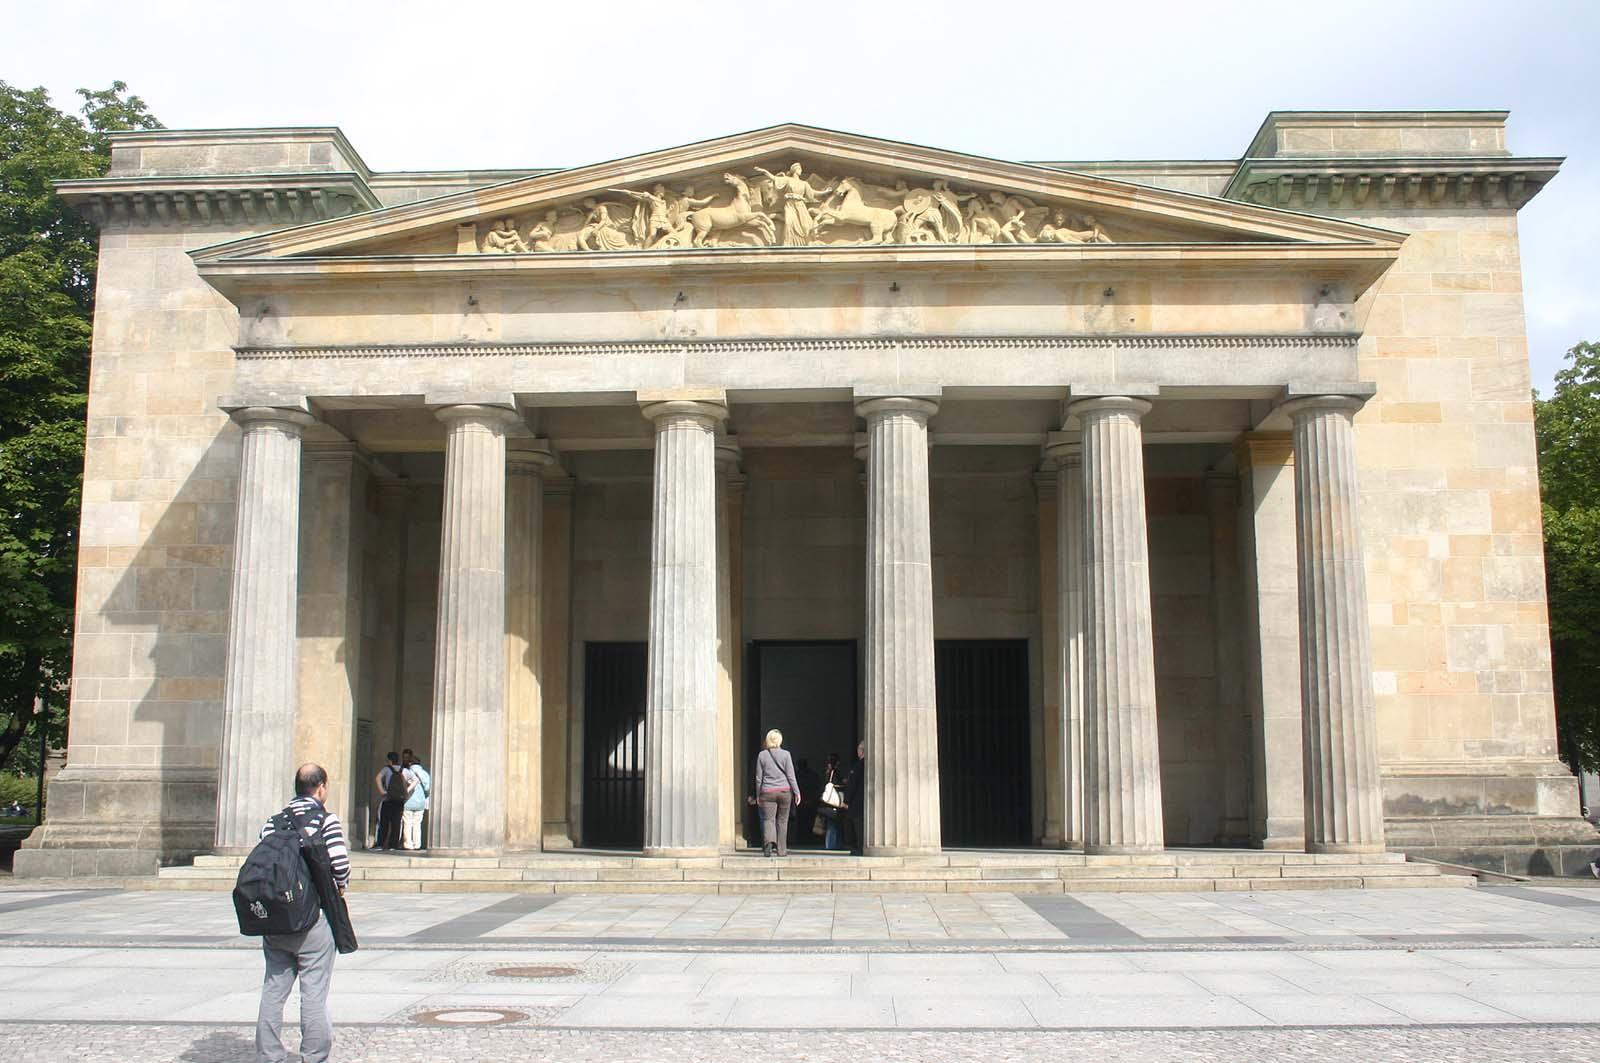 Klassizismus kunst und kultur bau und kunststile goruma for Klassik baustil